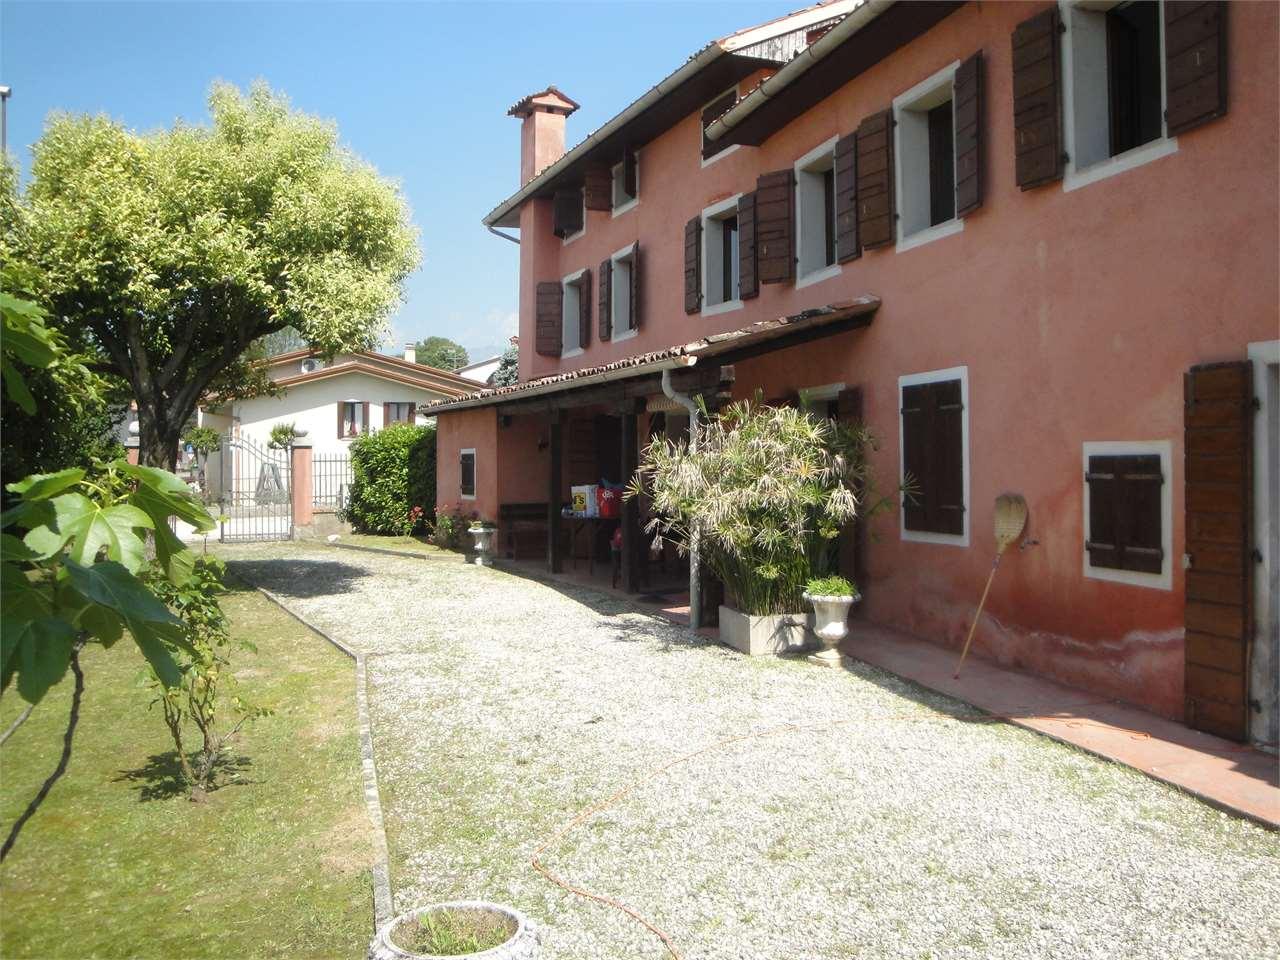 Villa in vendita a Cordignano, 9 locali, zona Zona: Villa di Villa, prezzo € 218.000 | CambioCasa.it